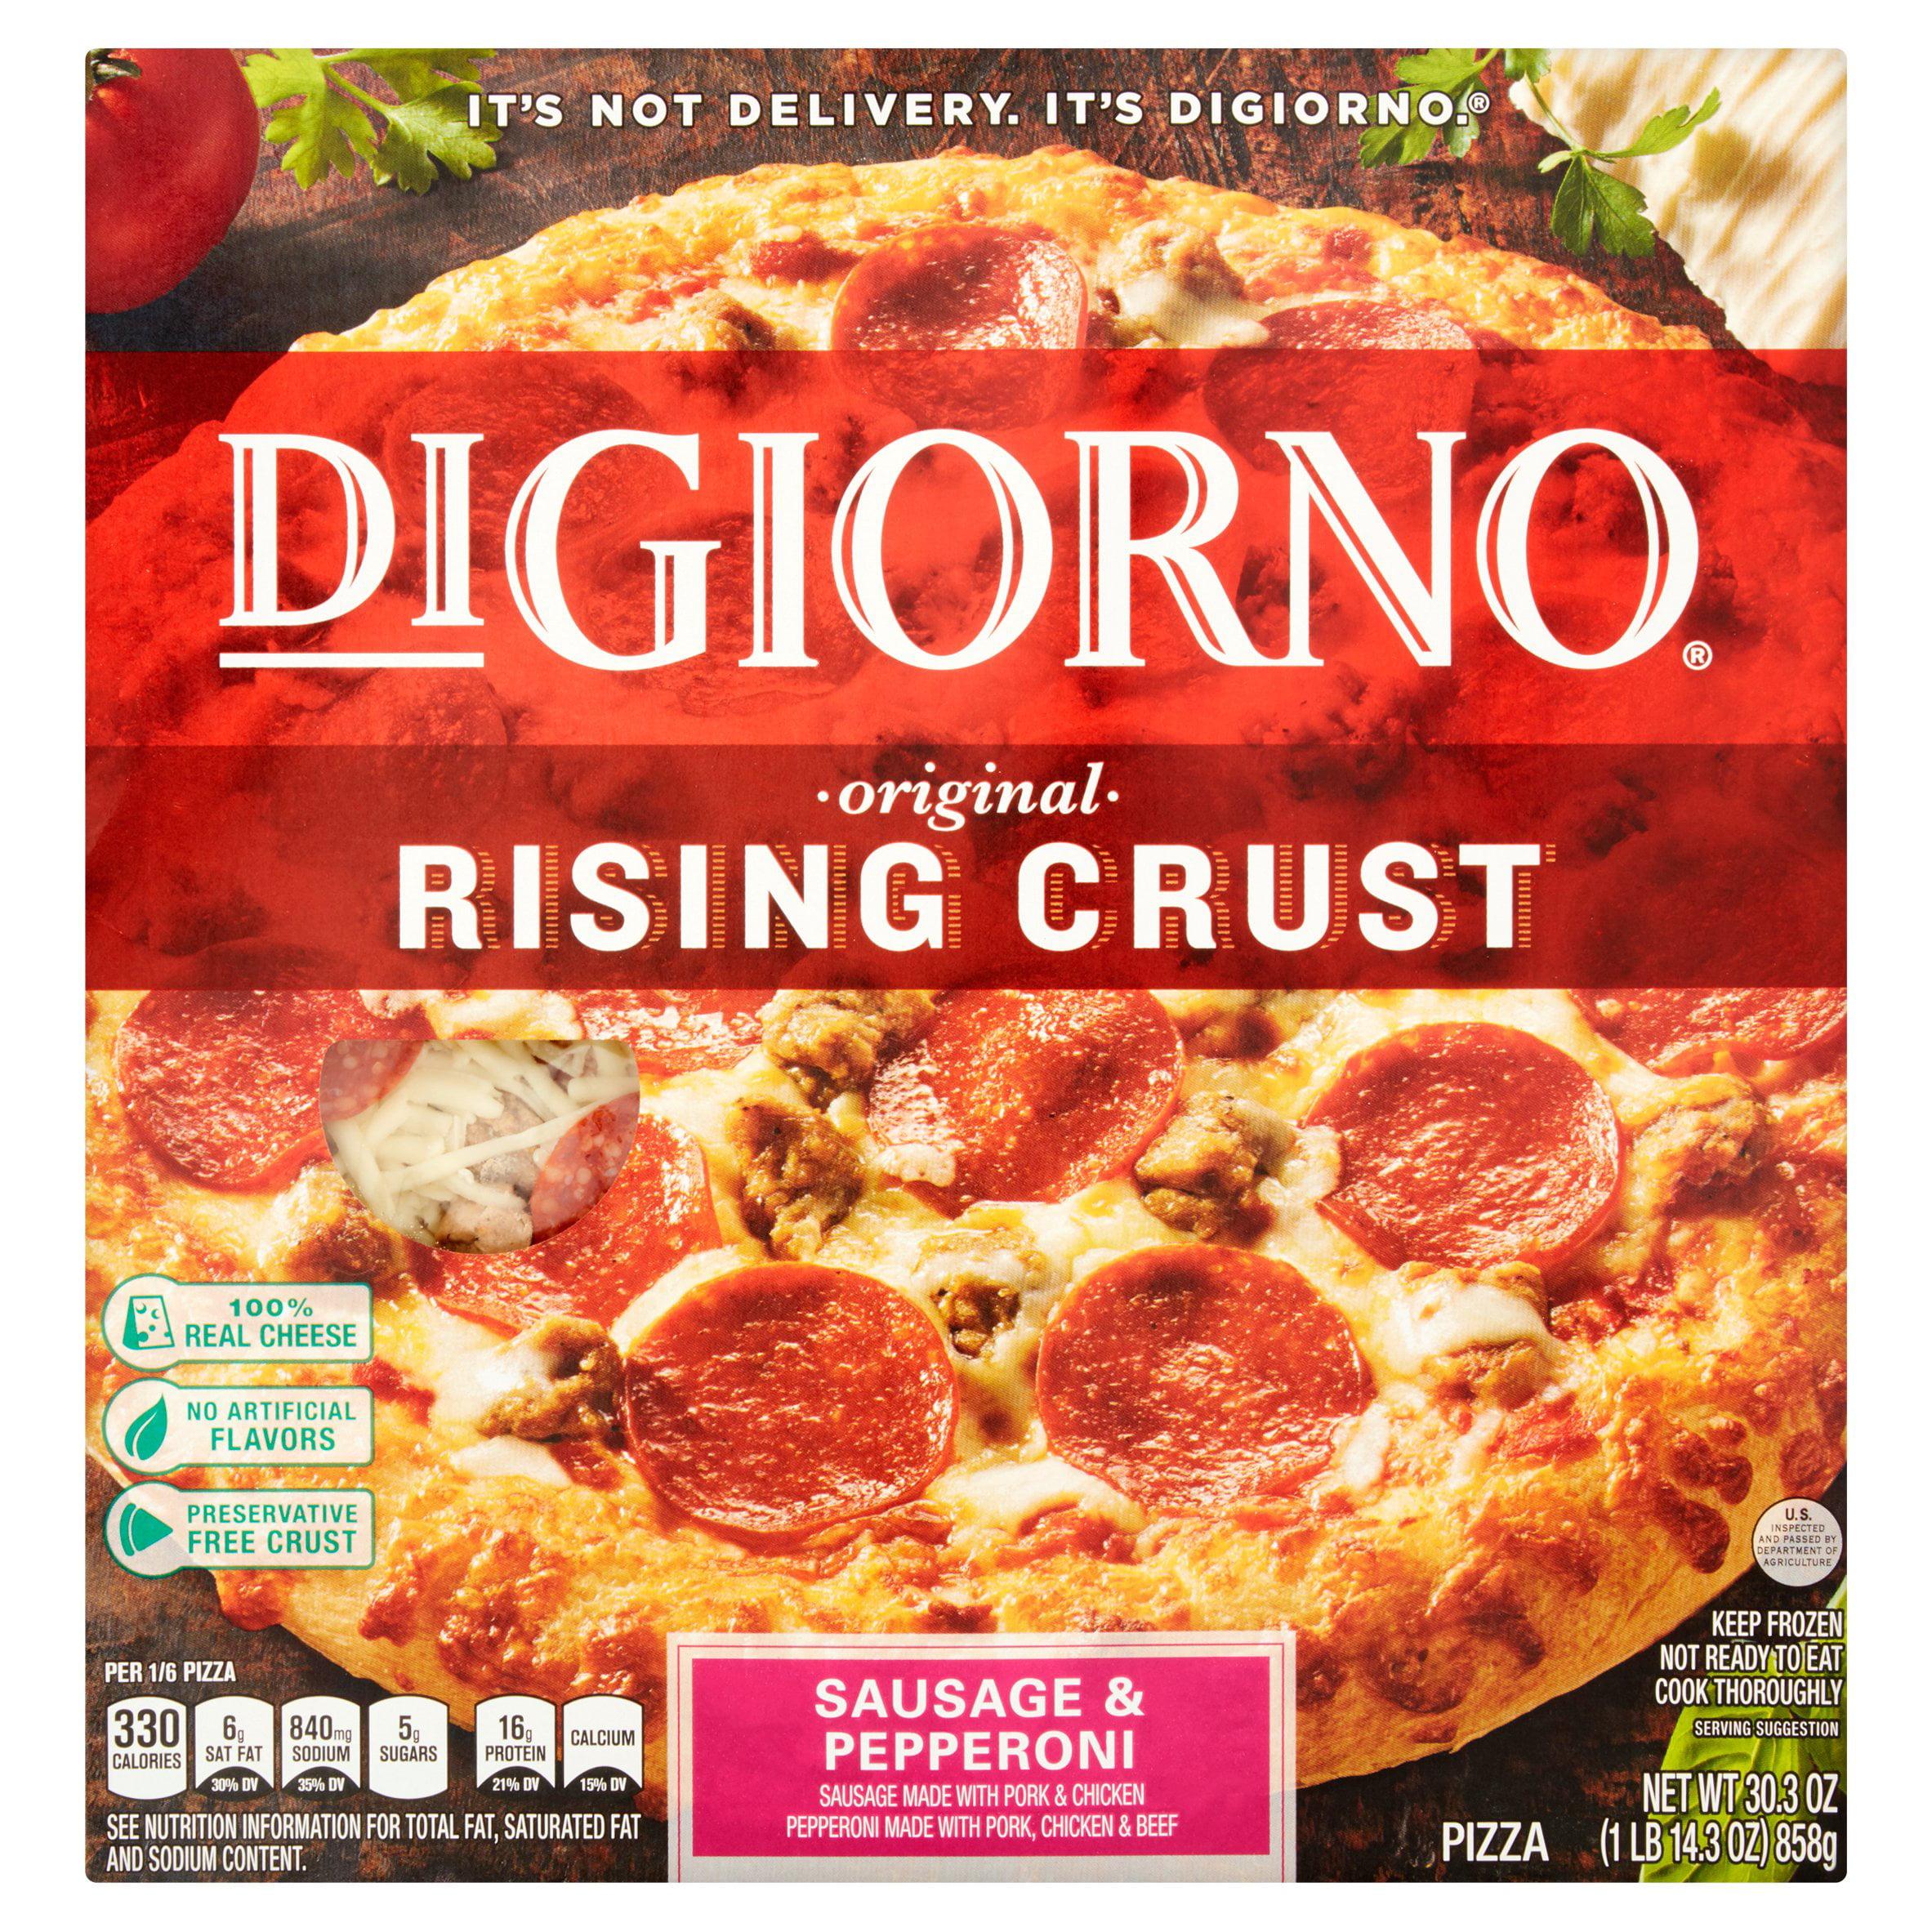 DIGIORNO Rising Crust Sausage & Pepperoni Pizza 30.3 oz. Box